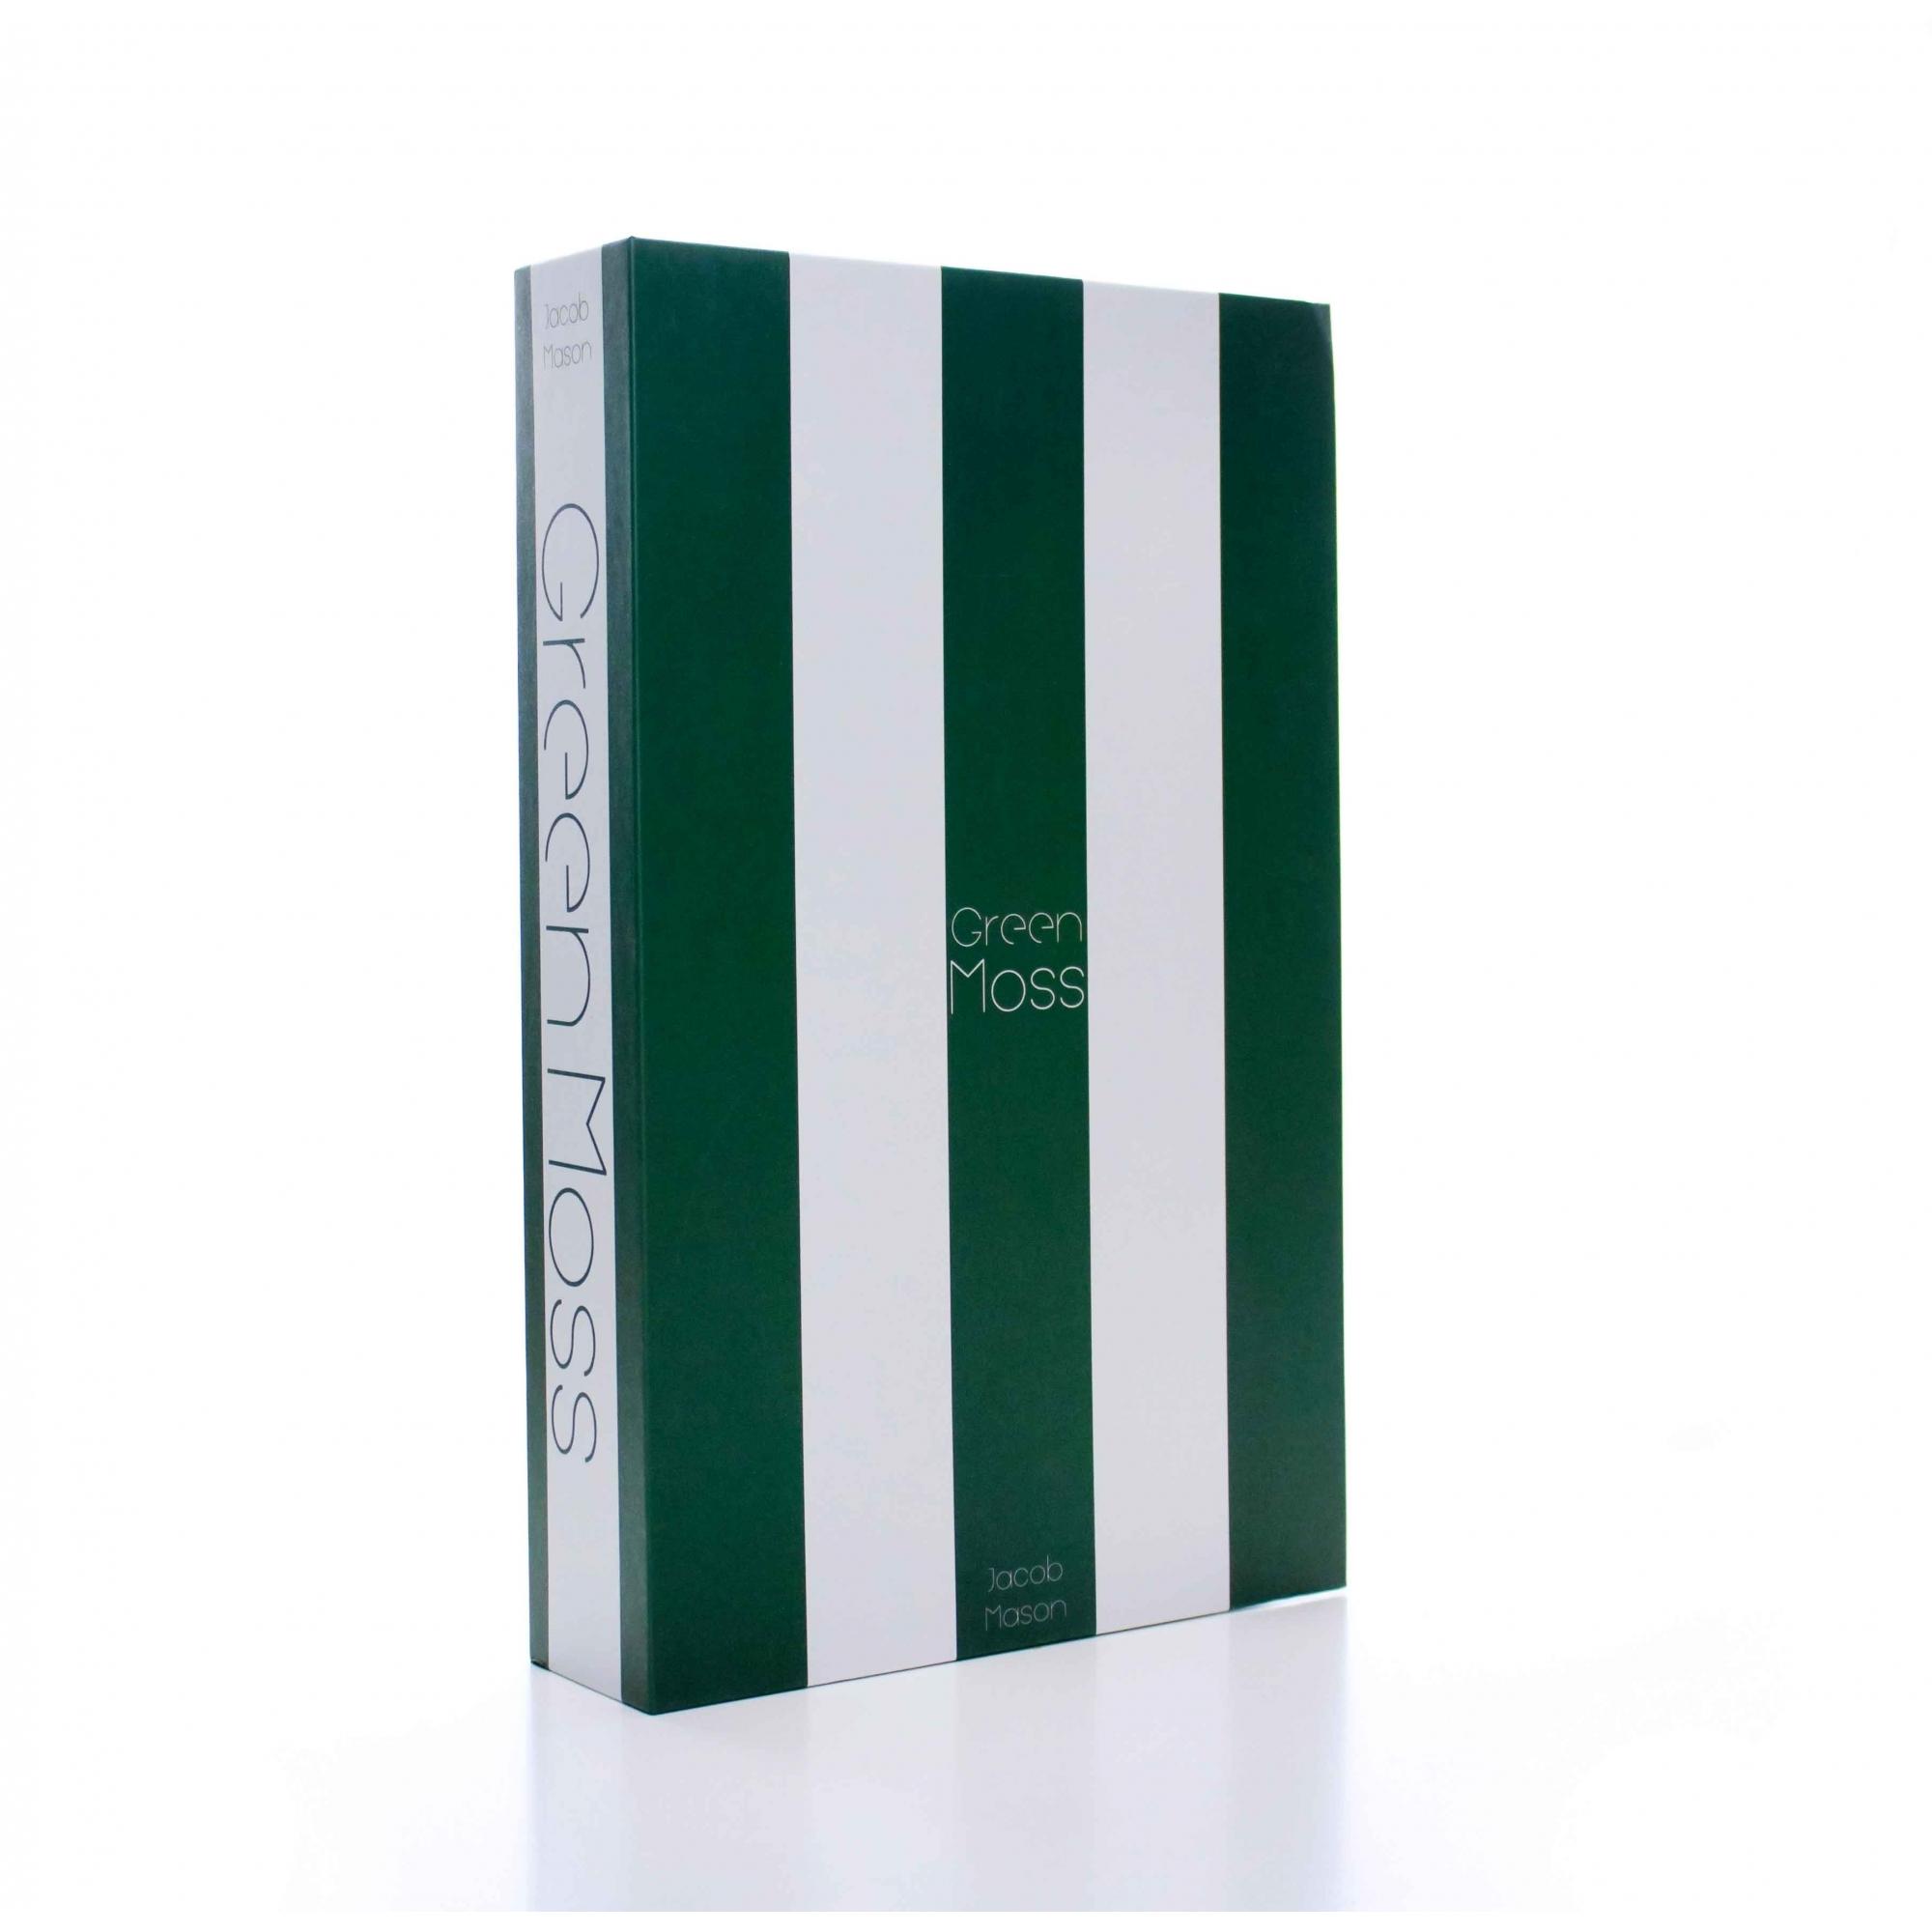 Caixa Livro Decorativa Listra Verde e Branco